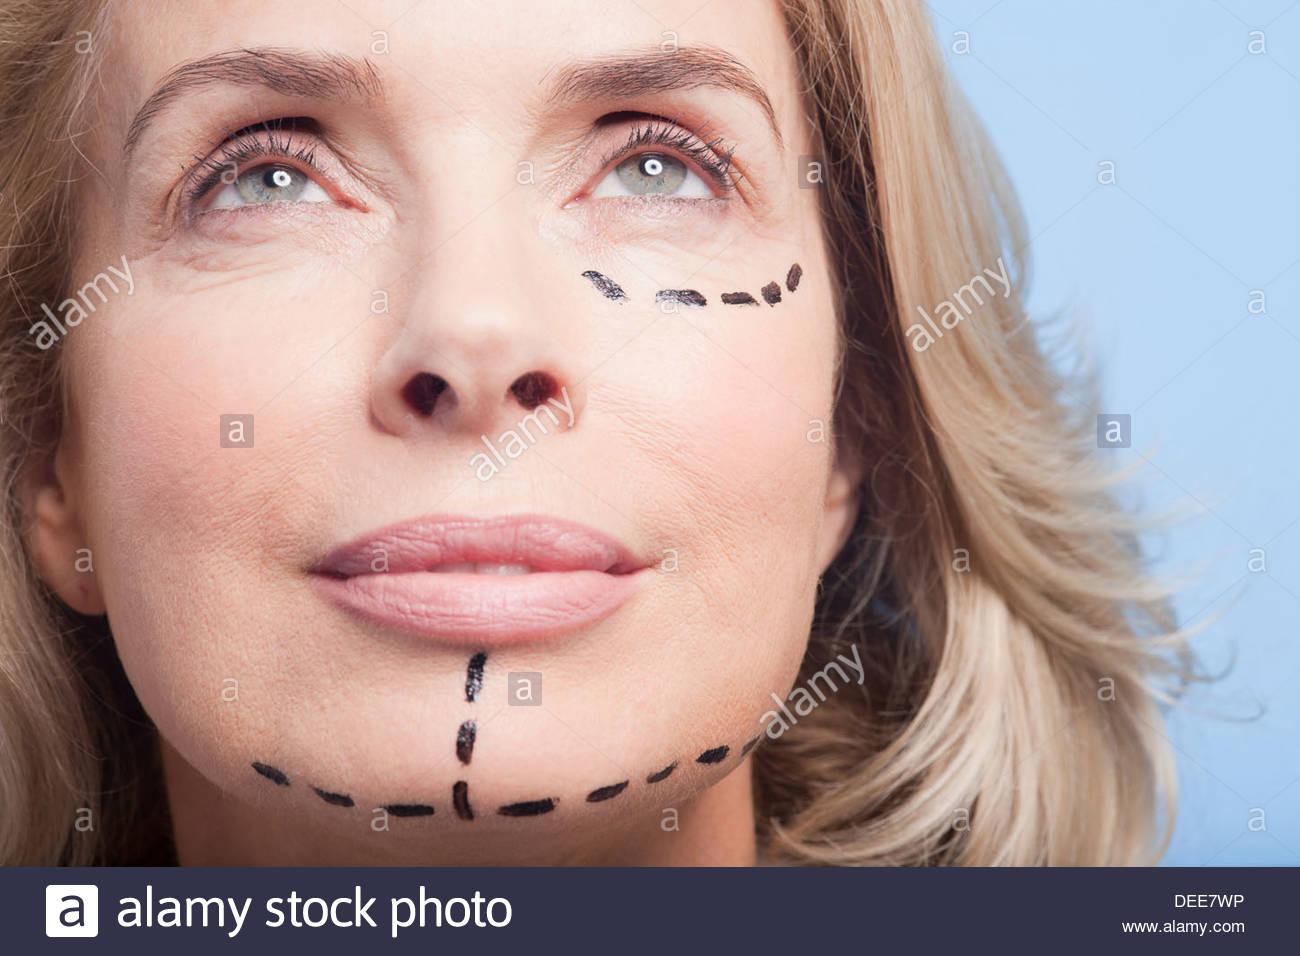 Portrait de femme avec des pointillés sur le visage Photo Stock